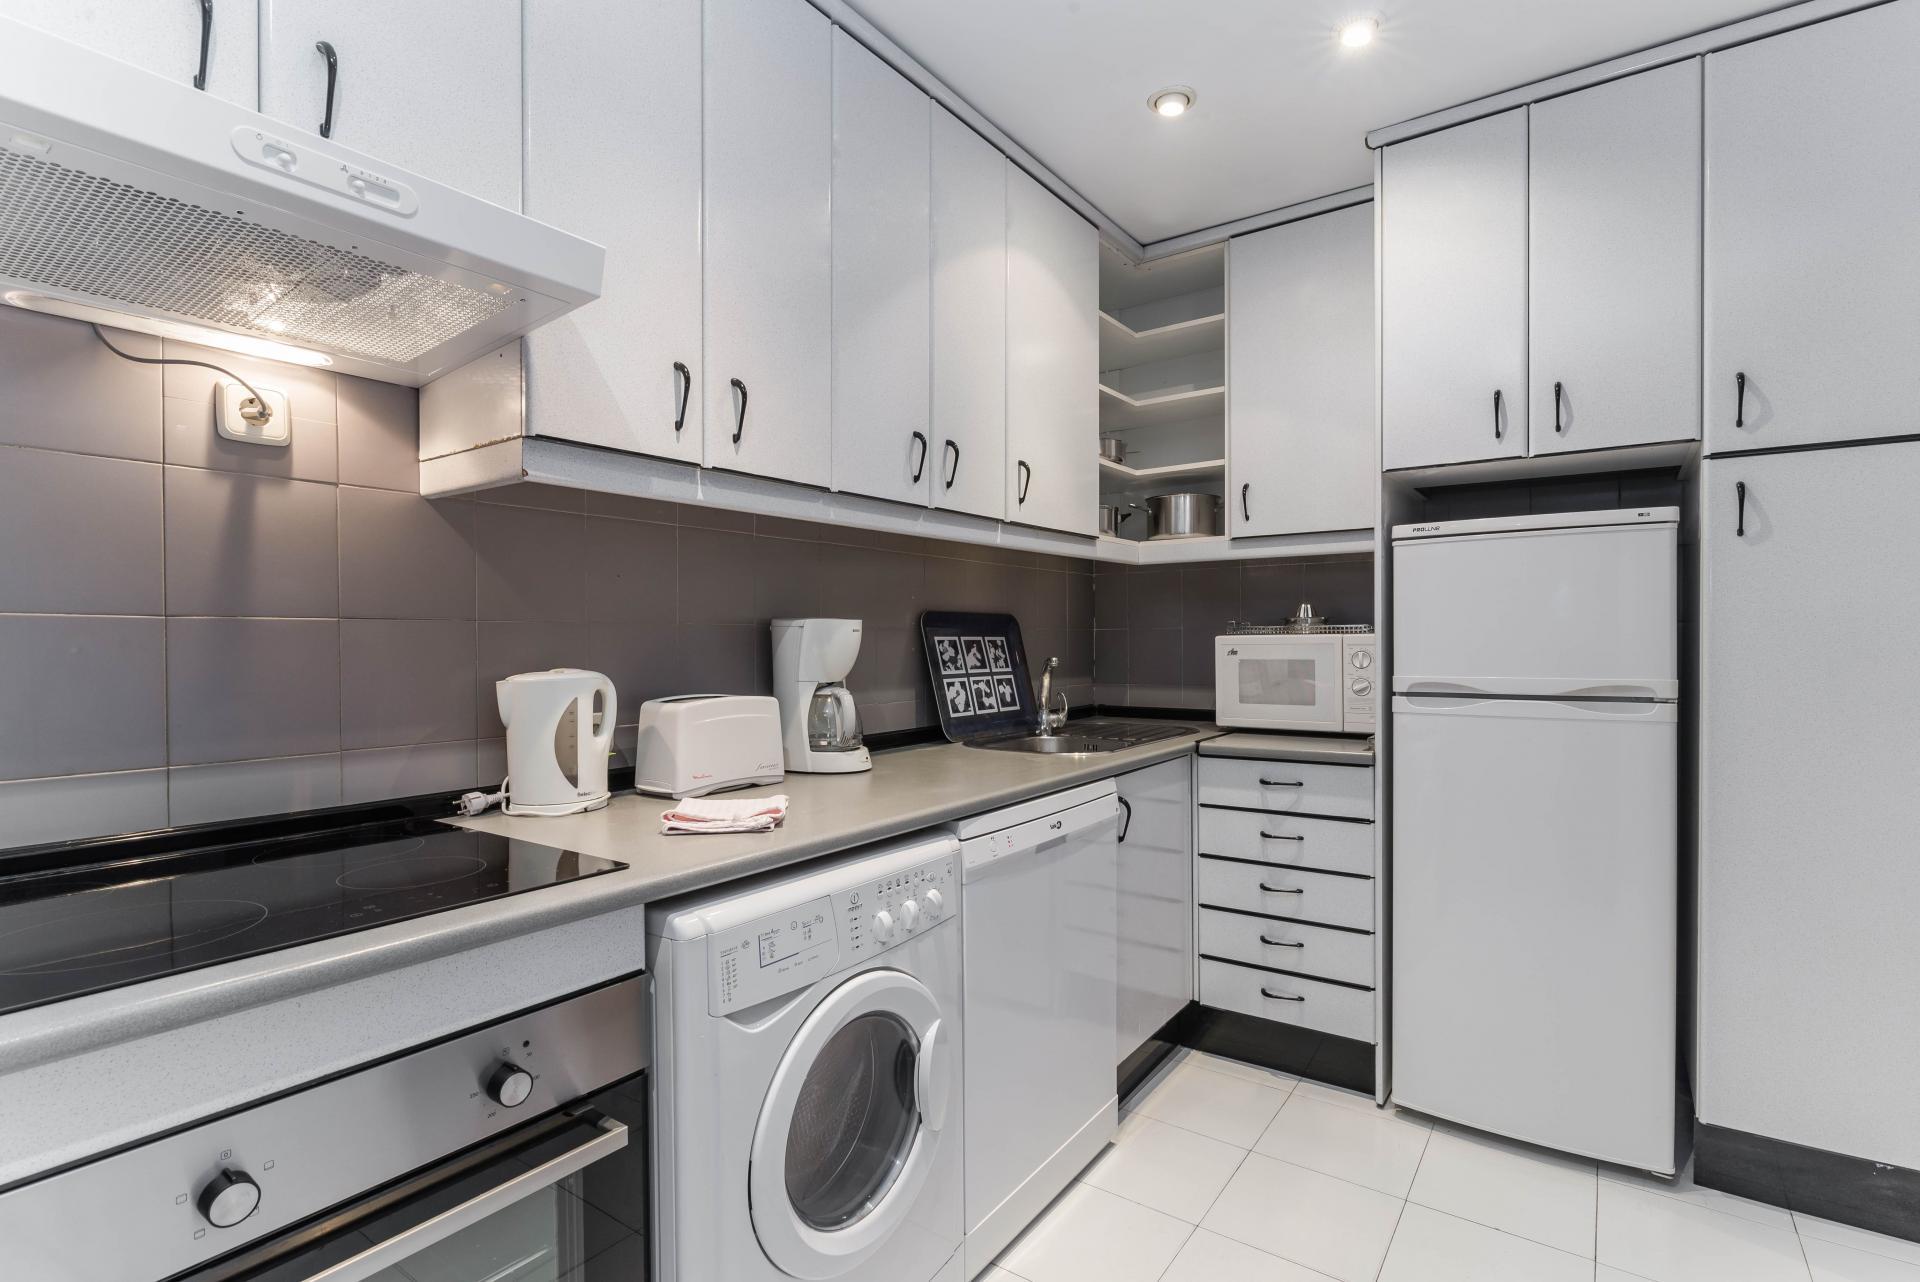 Kitchen at Ayala Apartments, Salamanca, Madrid